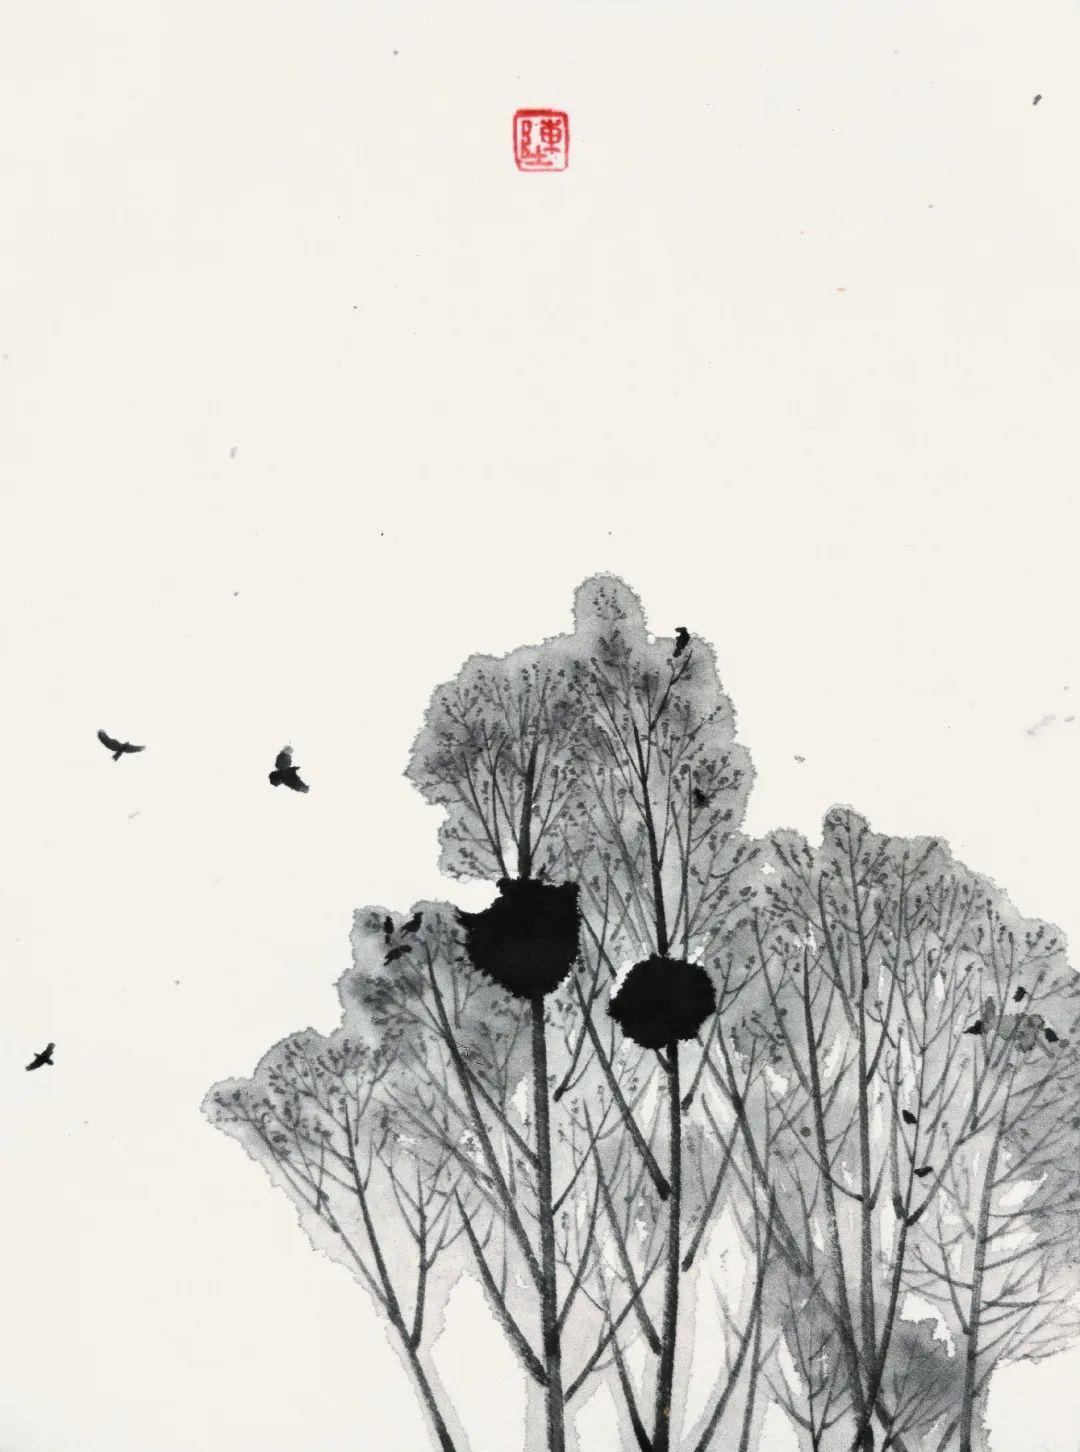 身边的名家丨画家陈晗晟 第6张